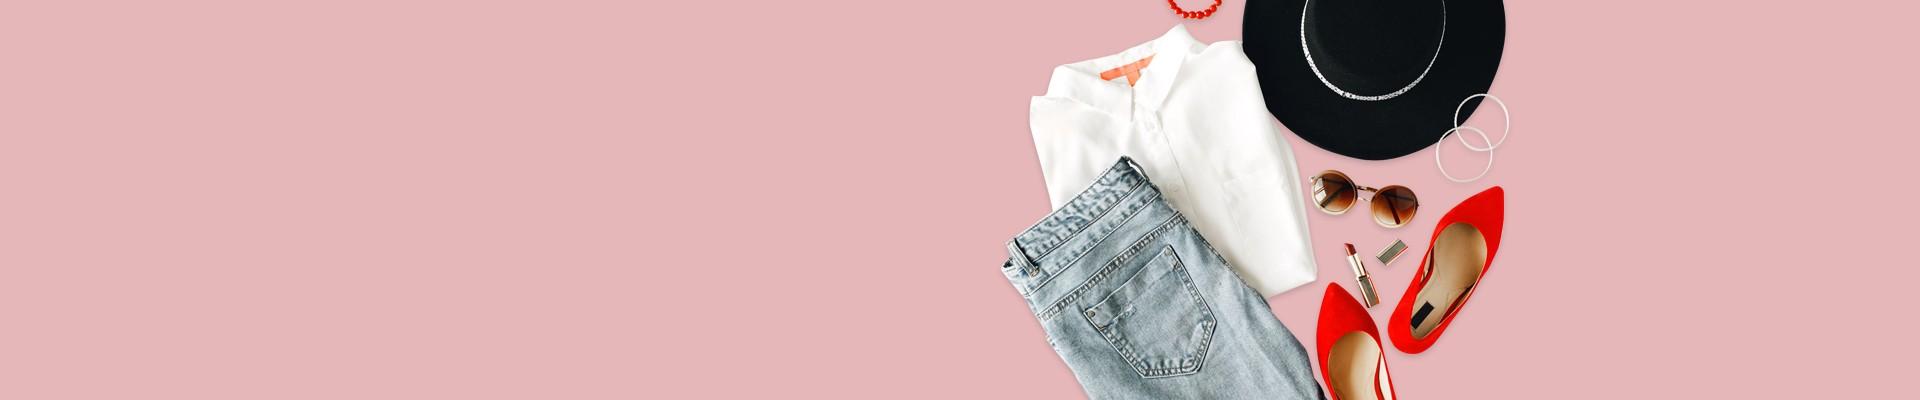 Fashion Wanita Online - Jual Pakaian Terlengkap & Terbaru 2018